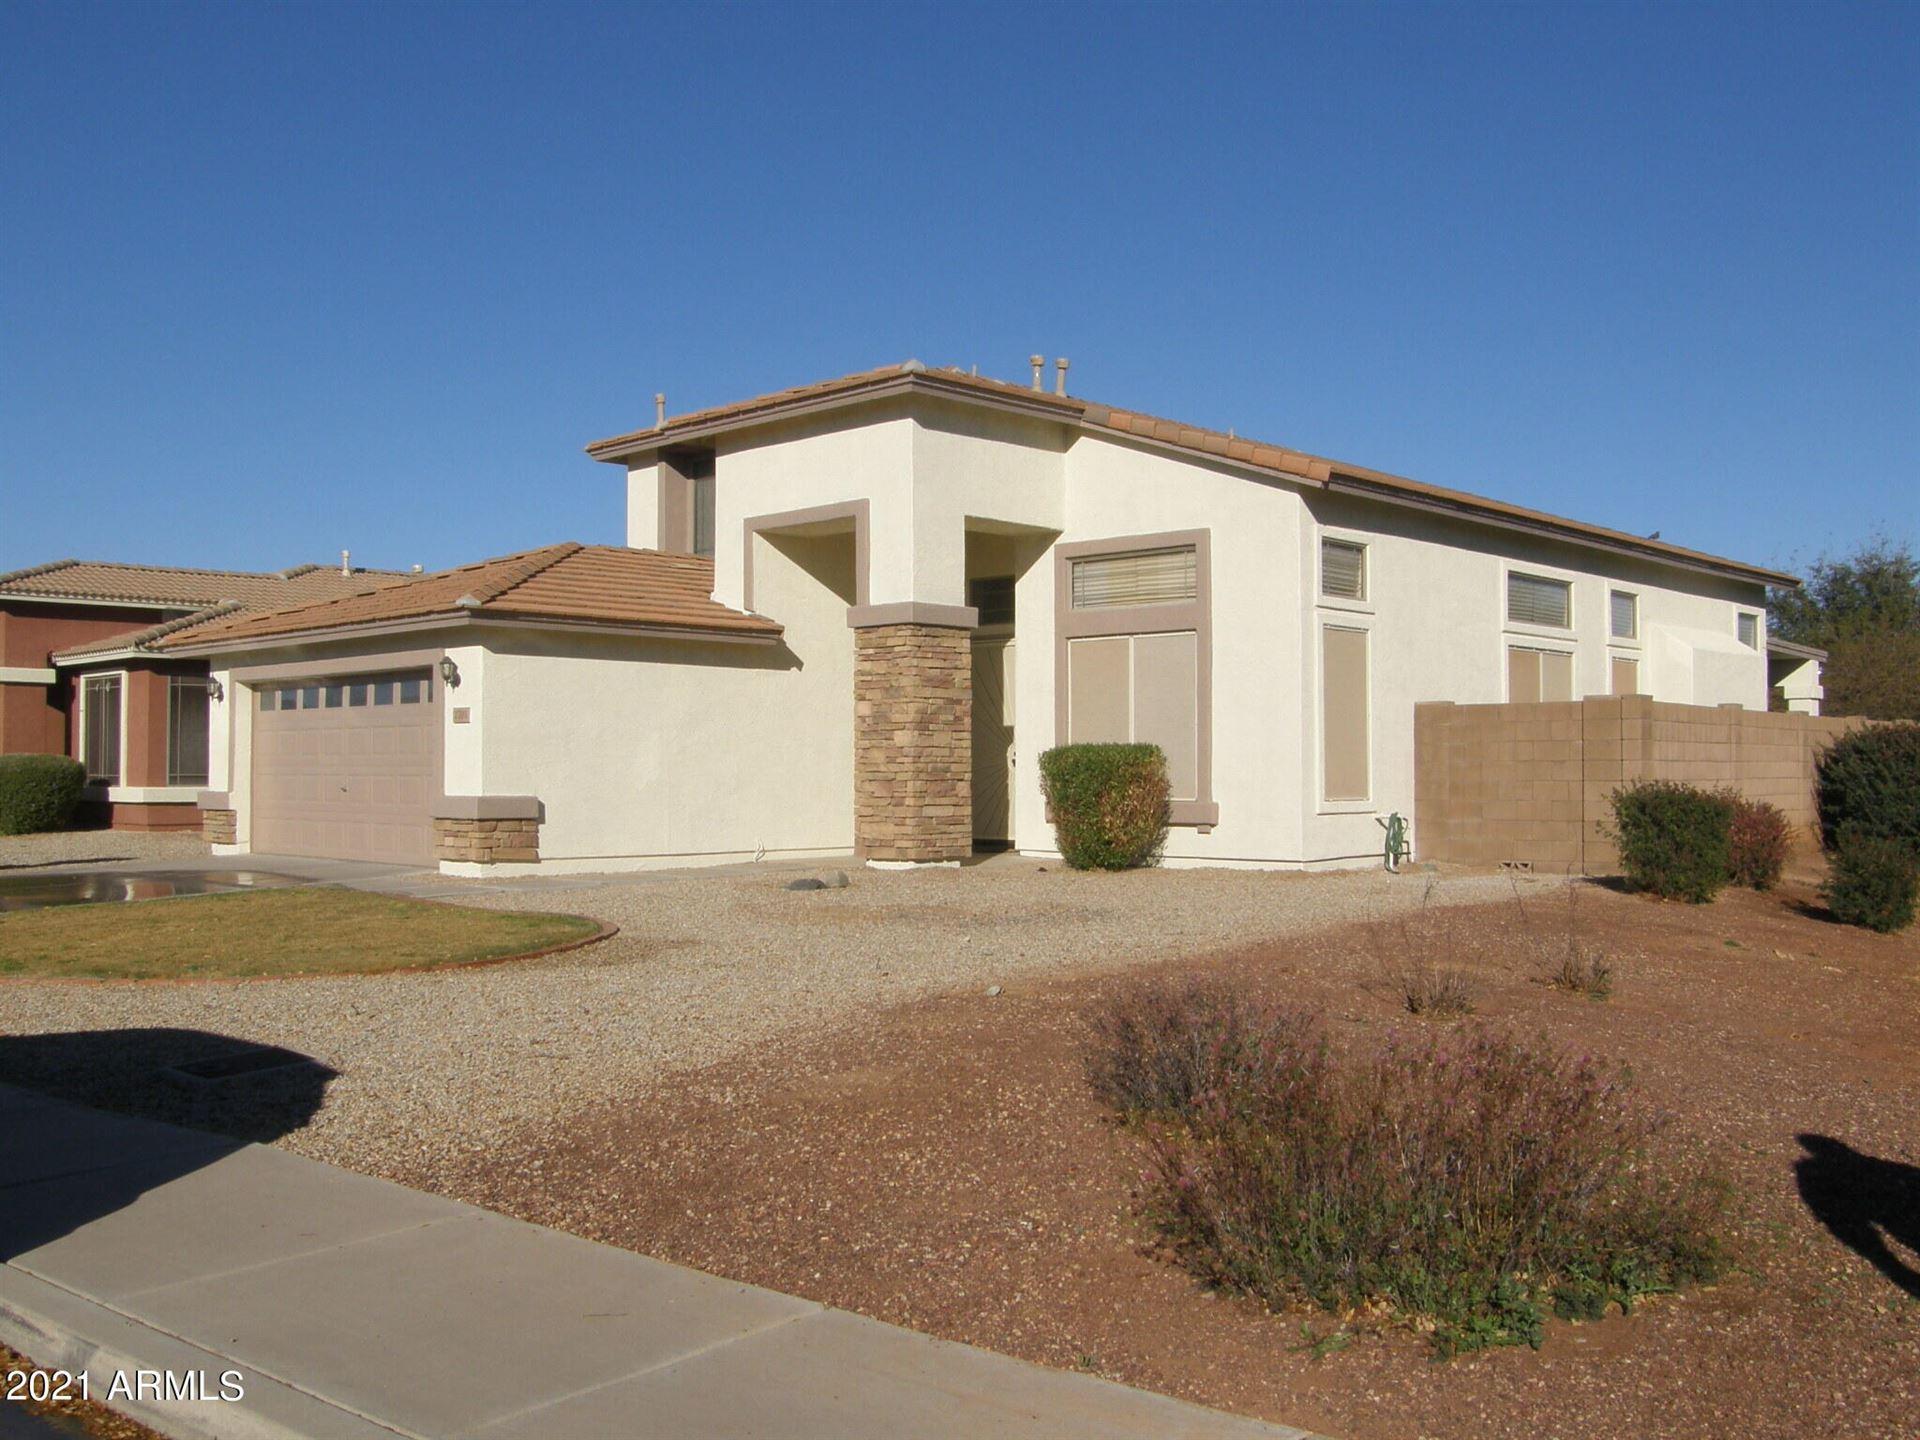 Photo of 2701 N 116TH Drive, Avondale, AZ 85392 (MLS # 6197031)